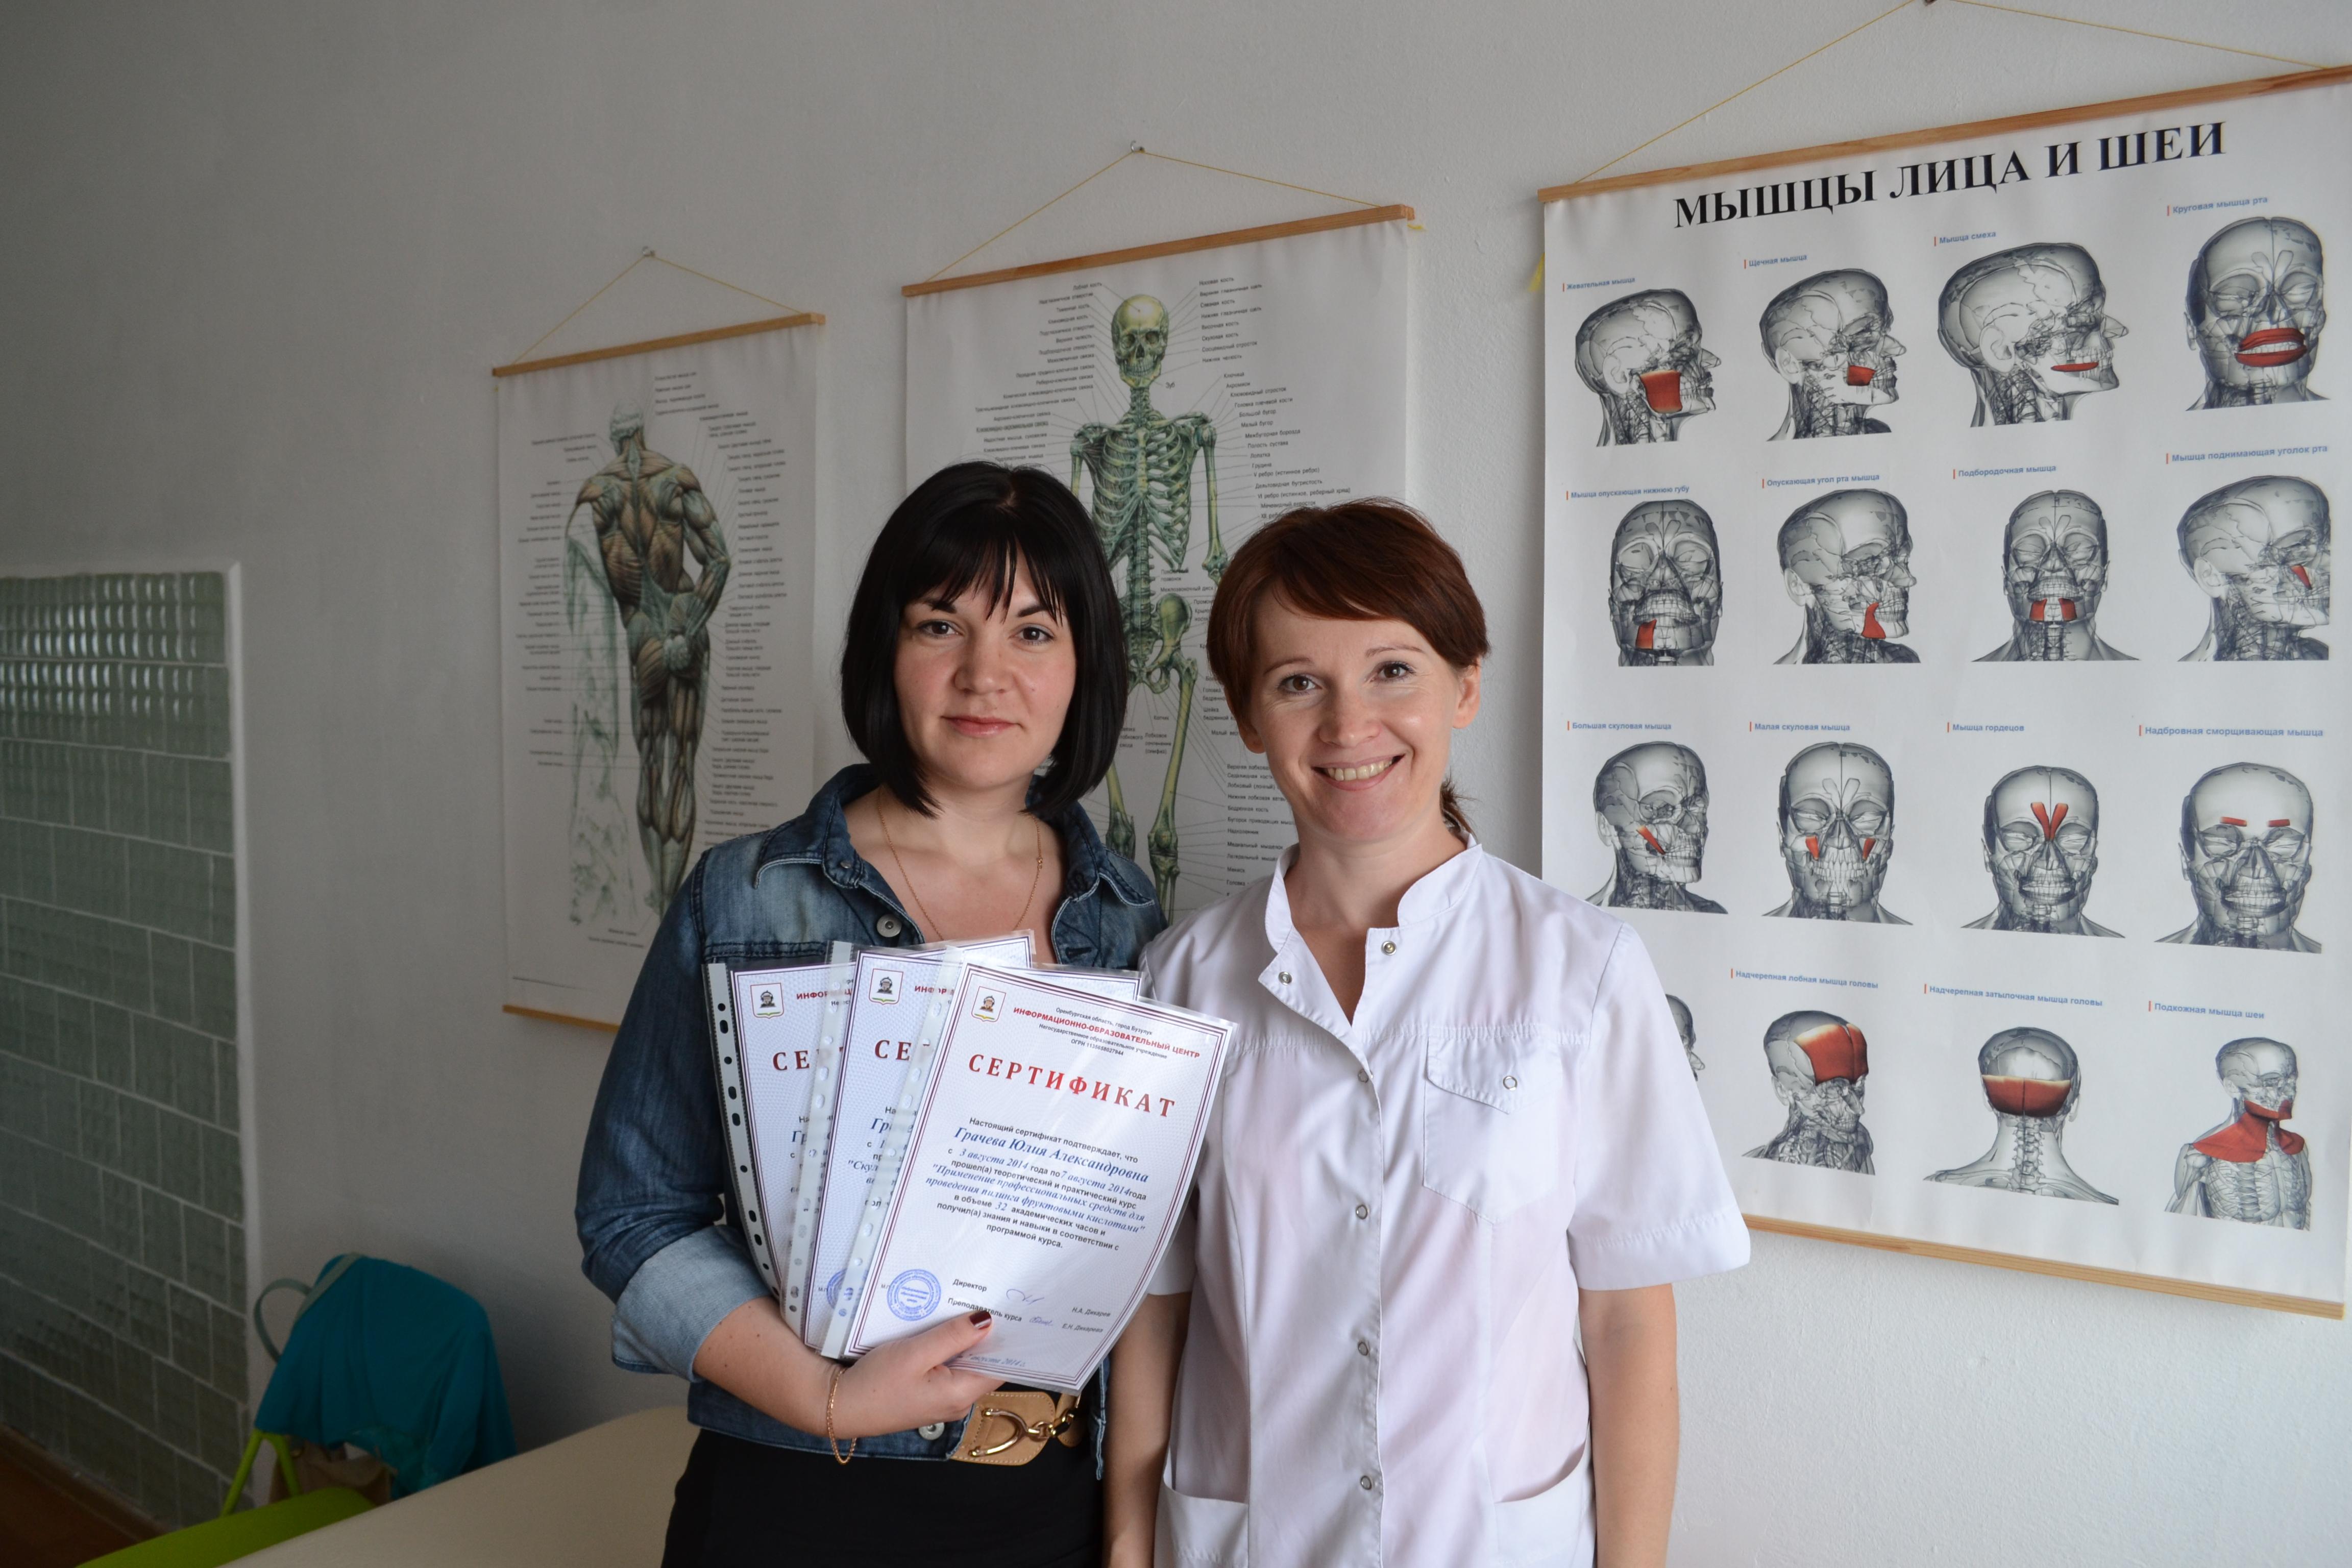 Поздравляем Юлию из Германии с окончанием массажной школы Елены Дикаревой!